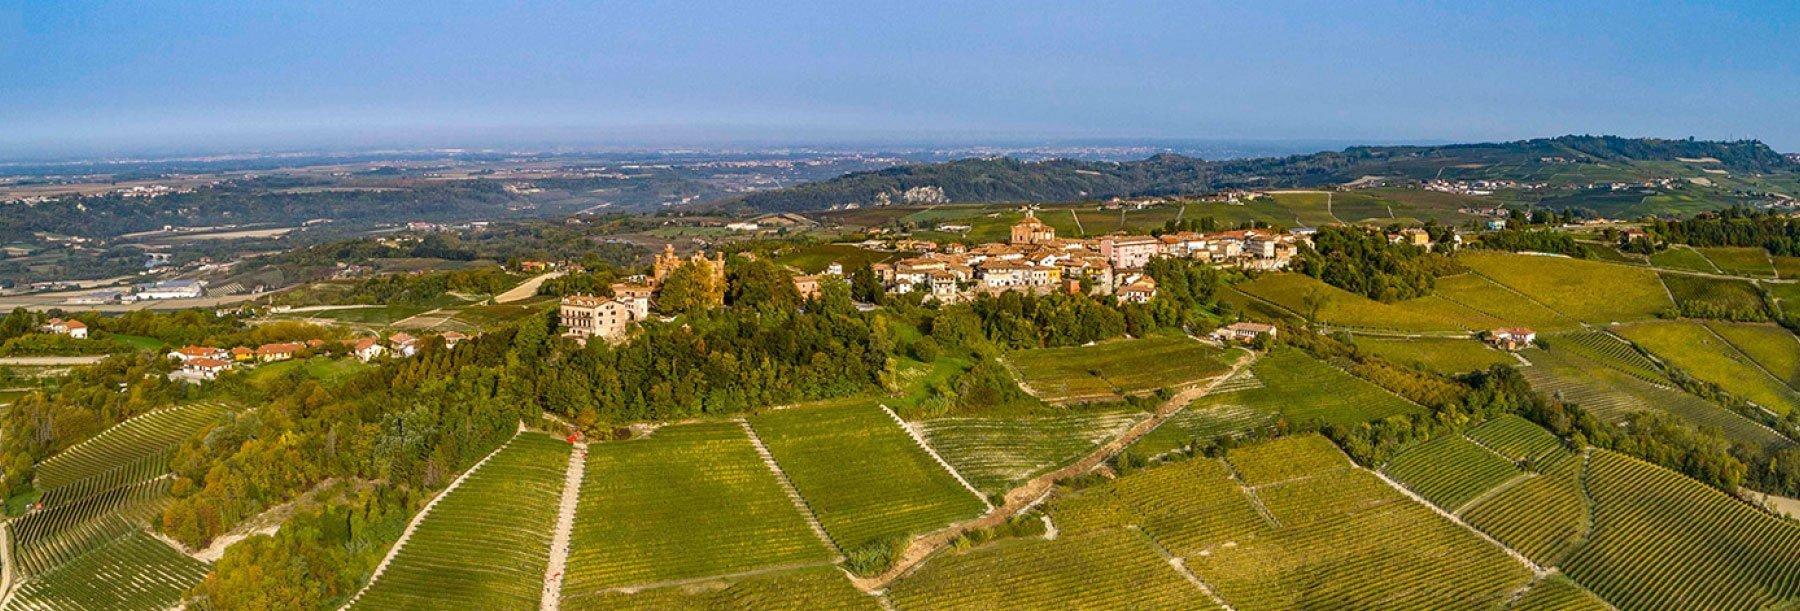 Le Ginestre - Cantina e vendita vini a Grinzane Cavour